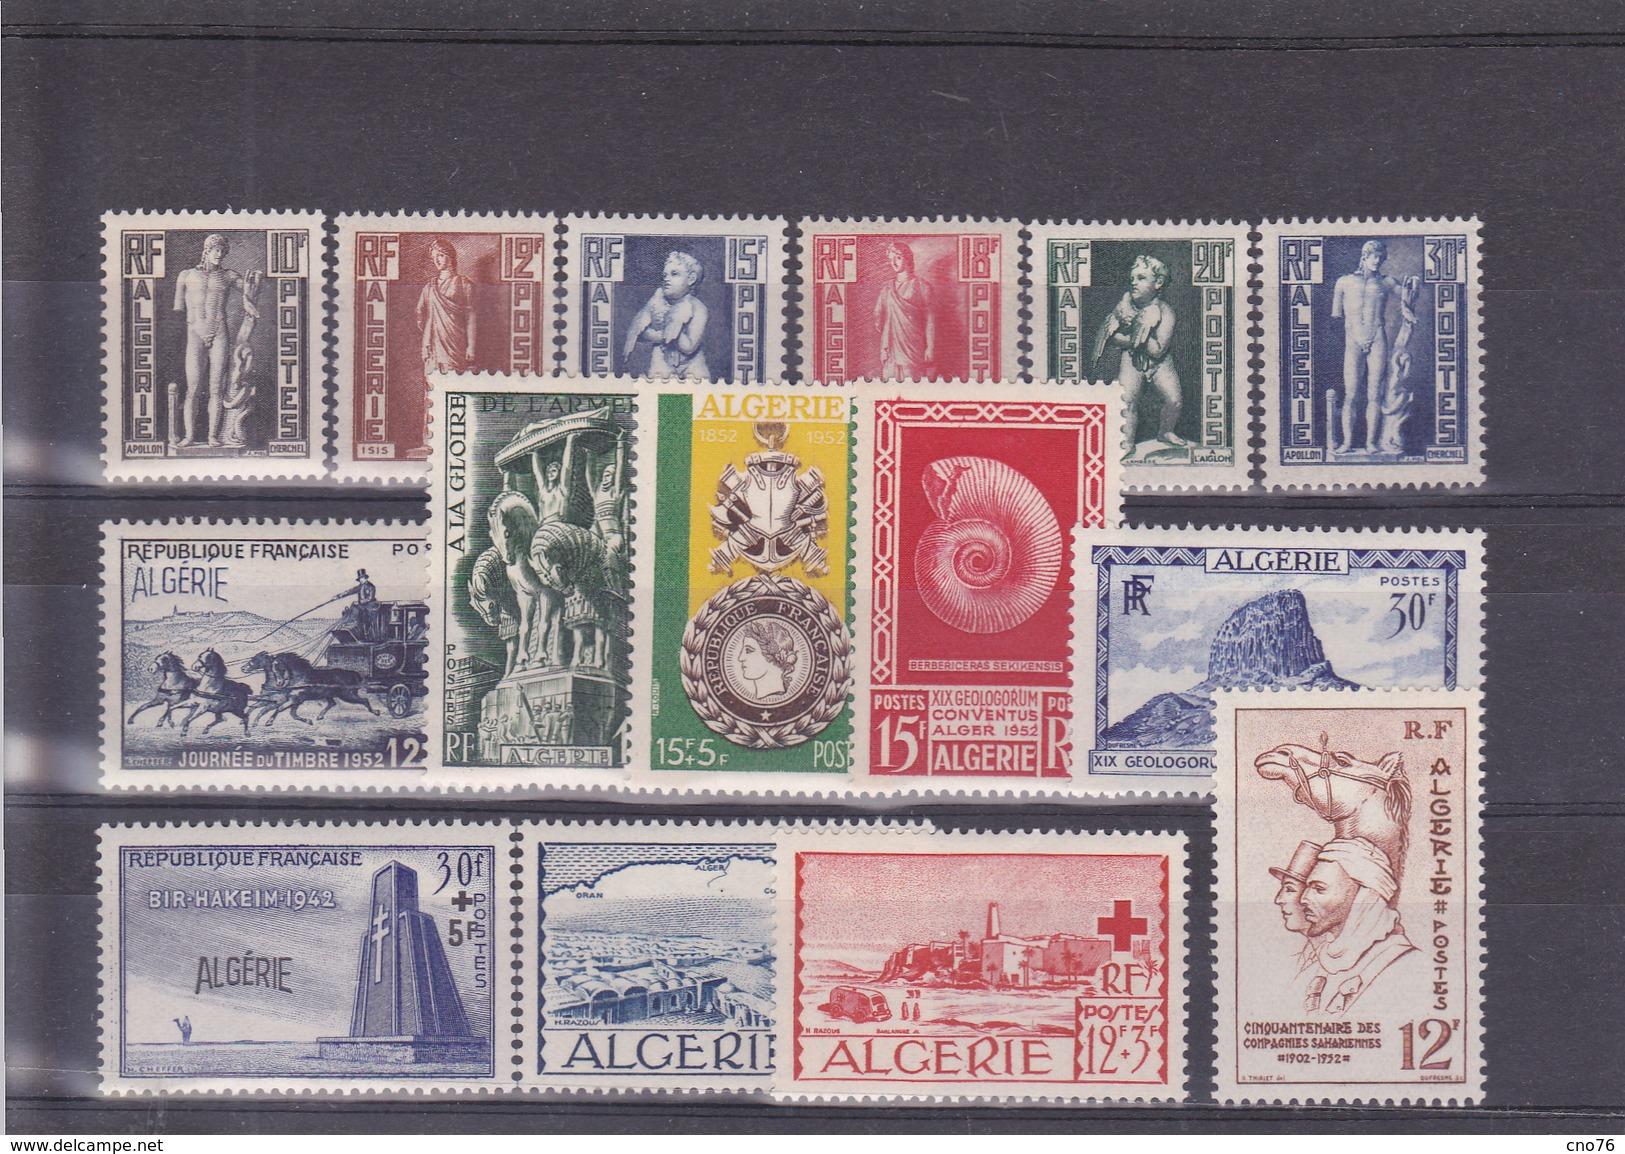 Algérie Année 1952 Du N° 288 Au N° 302 En Timbres Neufs ** Soit 15 Timbres - Argelia (1924-1962)